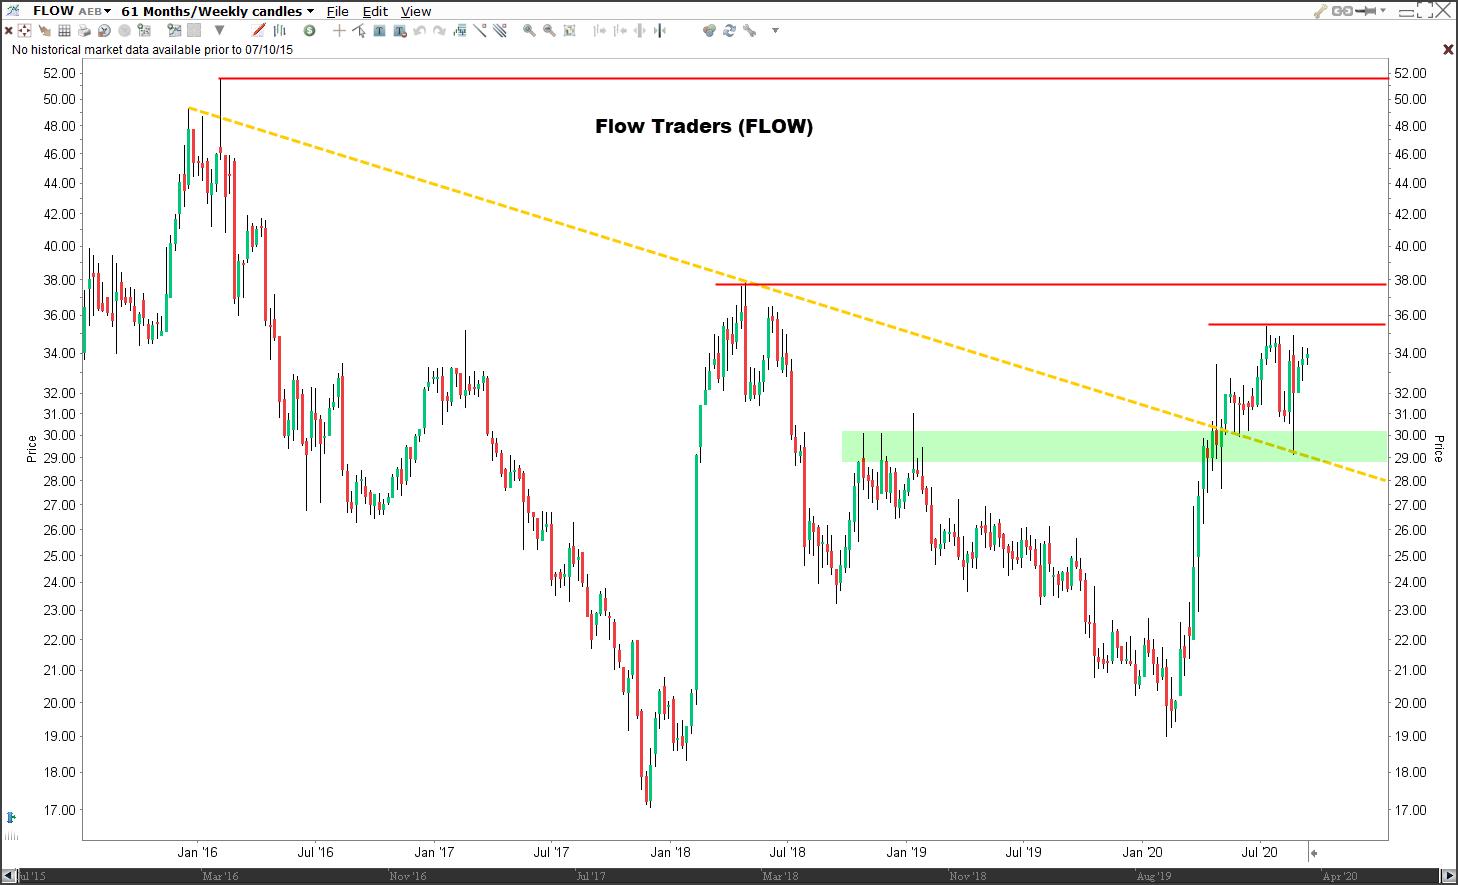 Aandeel Flow Traders | Technische analyse